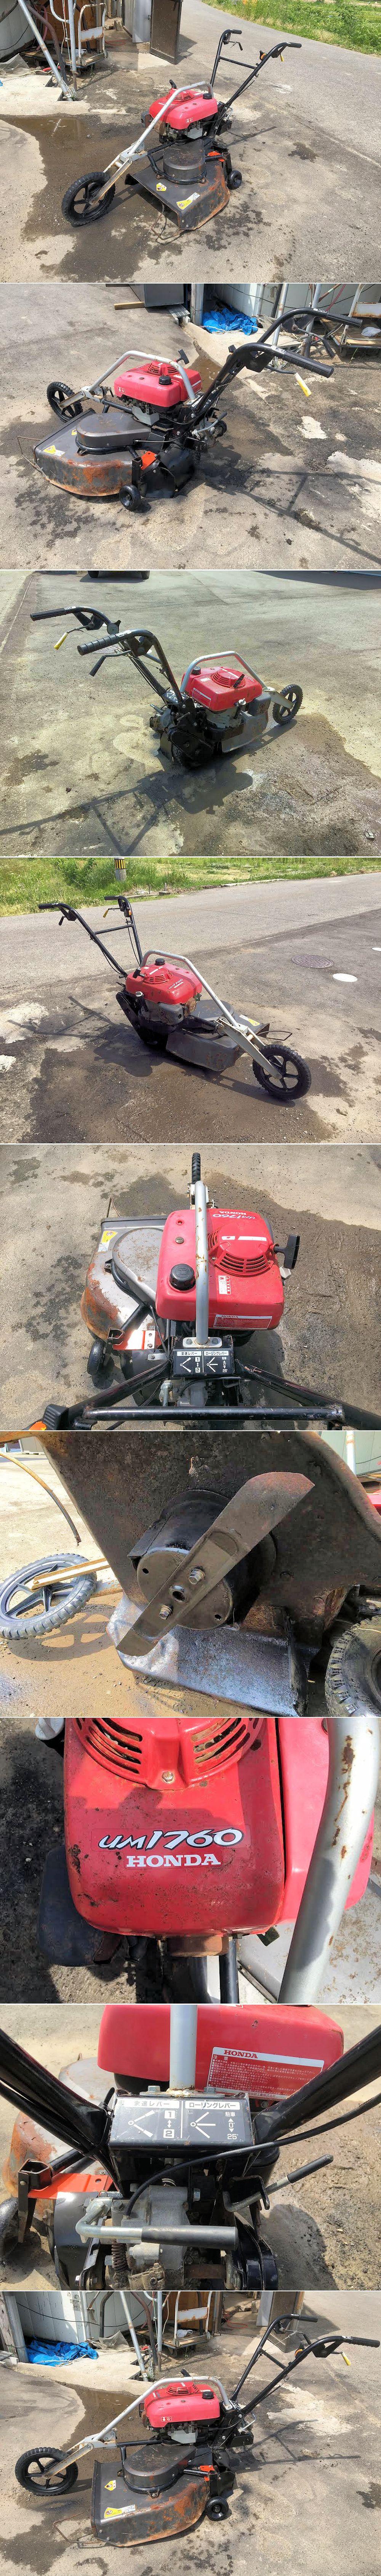 ホンダ ロータリーモア ローリング 二面畦 (あぜ) 斜面 草刈機 UM1760 実働品 中古